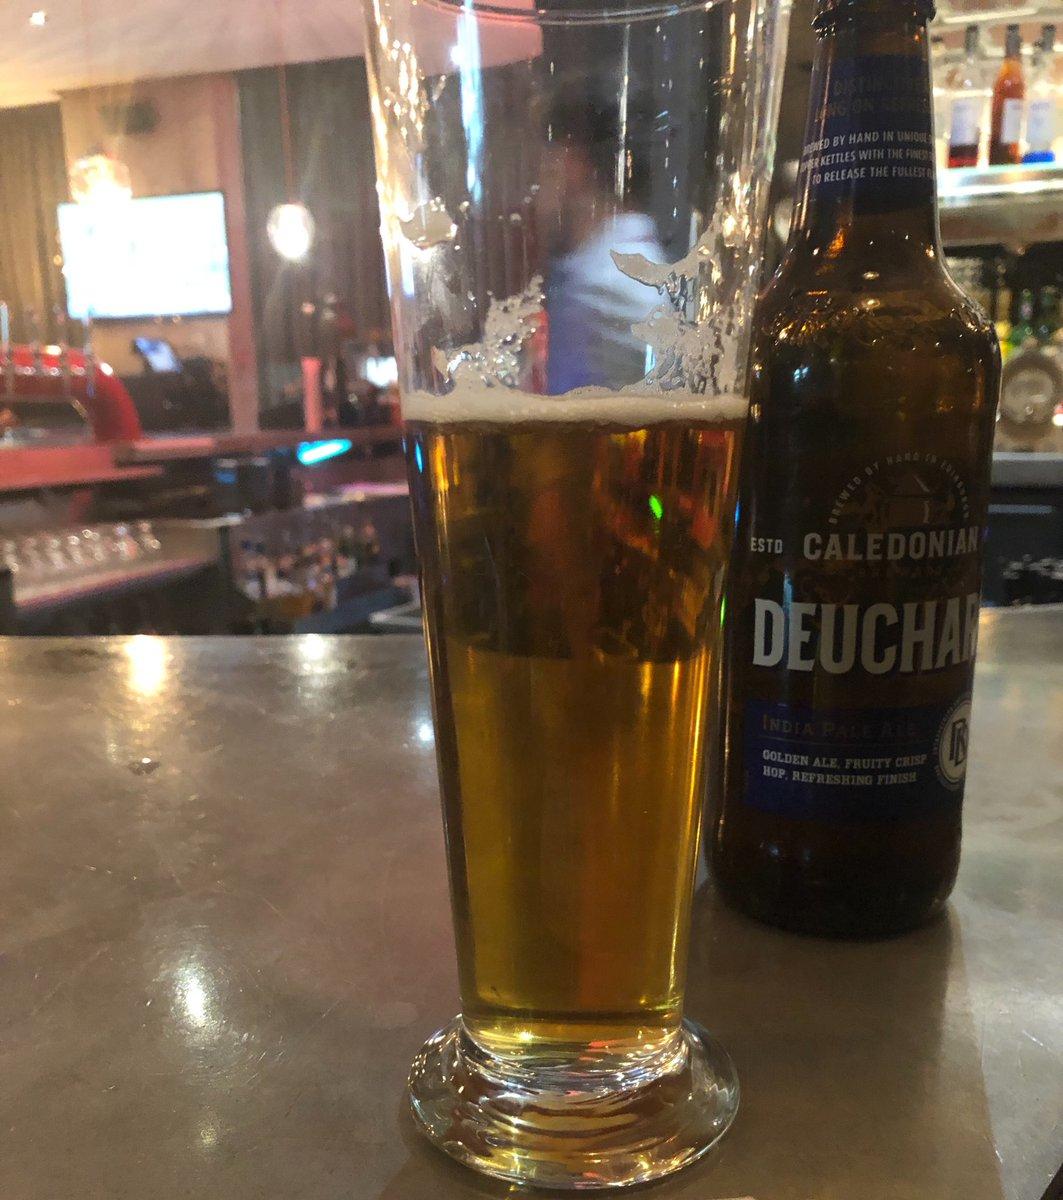 住飯店買啤酒竟被刷「212萬天價」 店員「被抓包」傻笑:會處理好